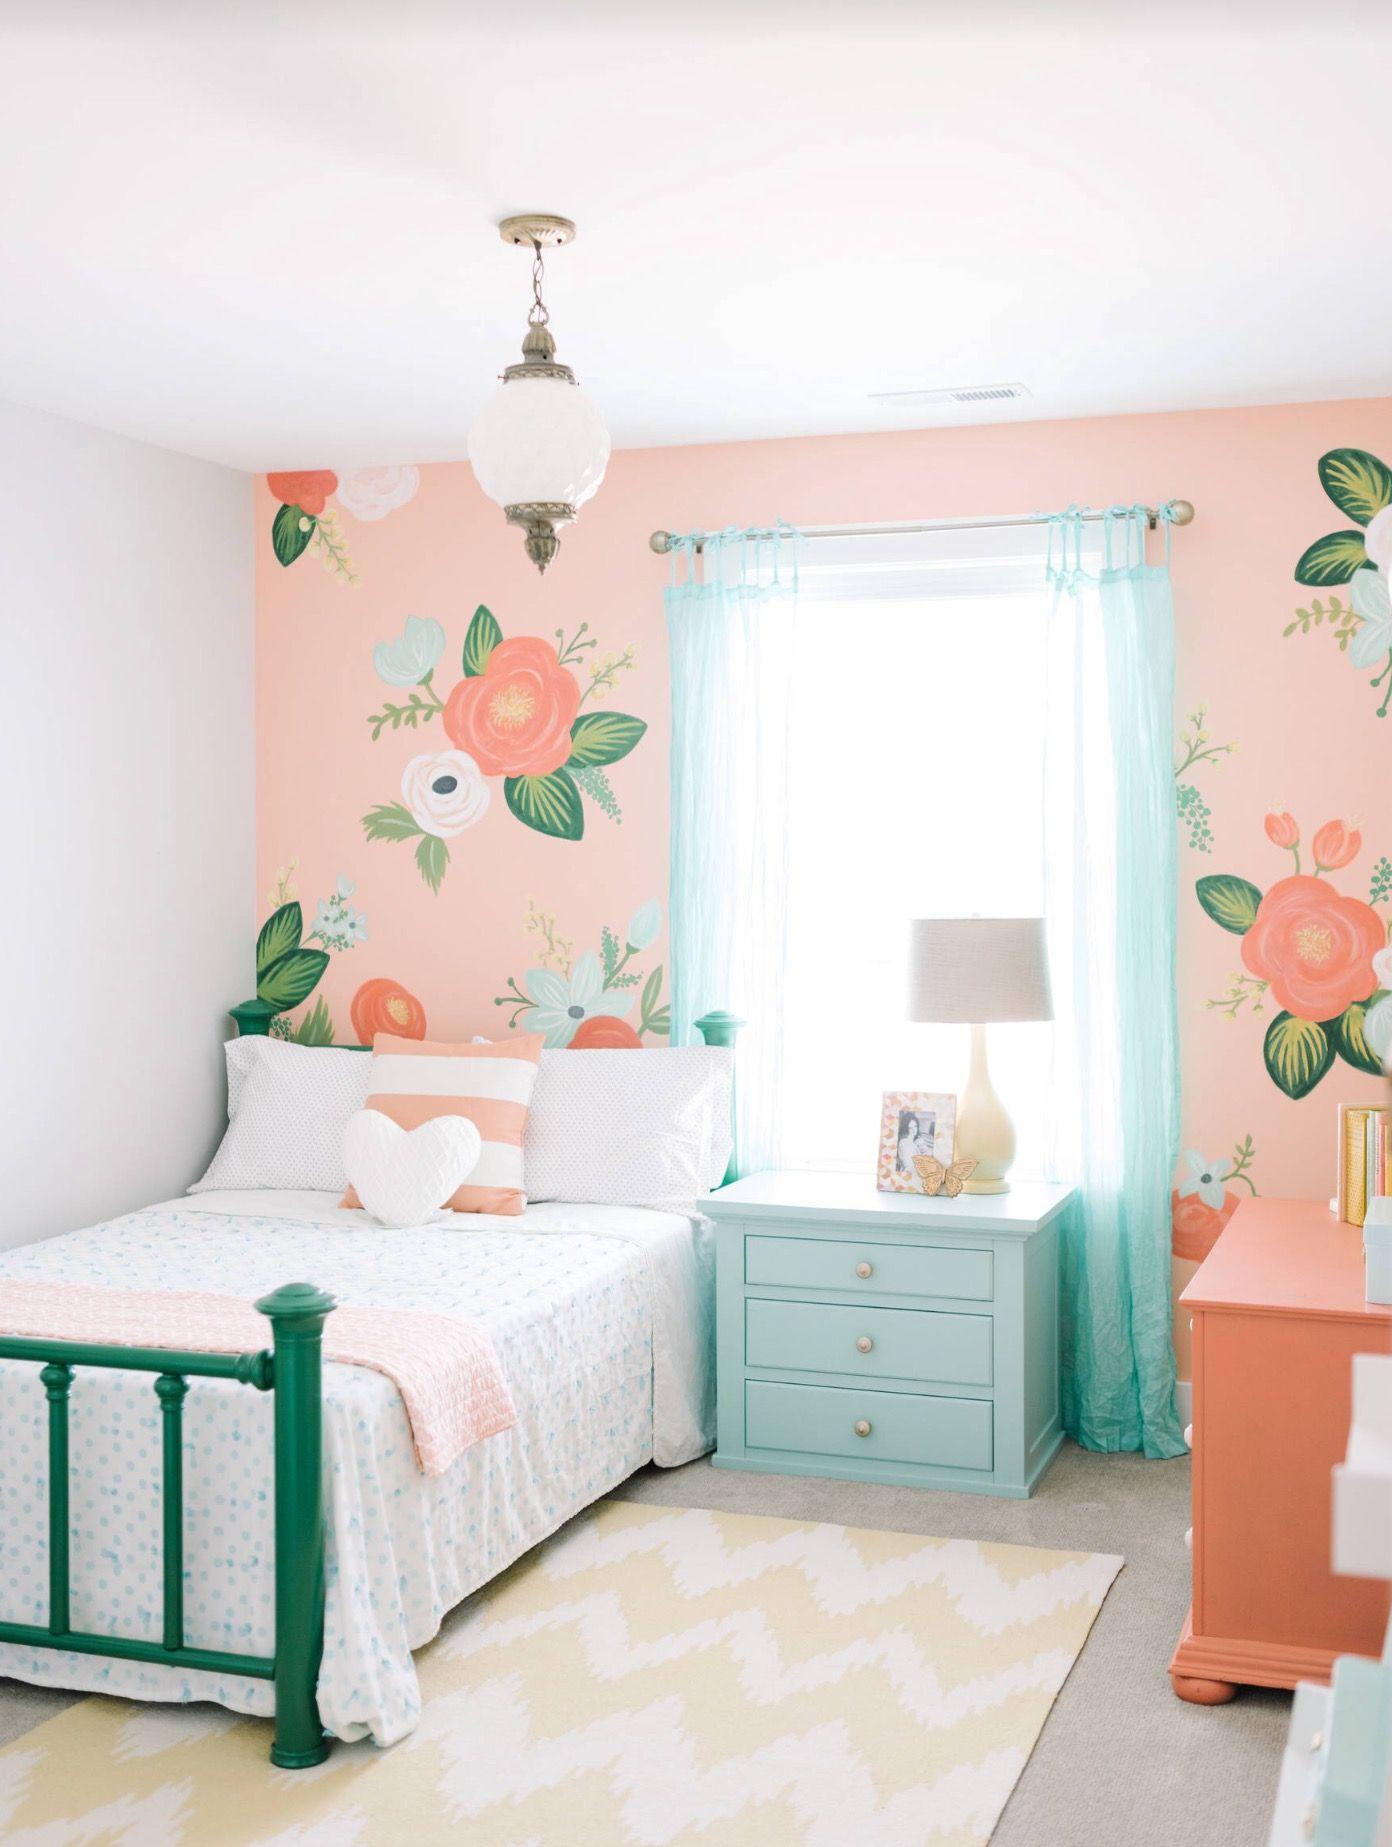 Astounding Jugend Mädchenzimmer Sammlung Von Wallpaper